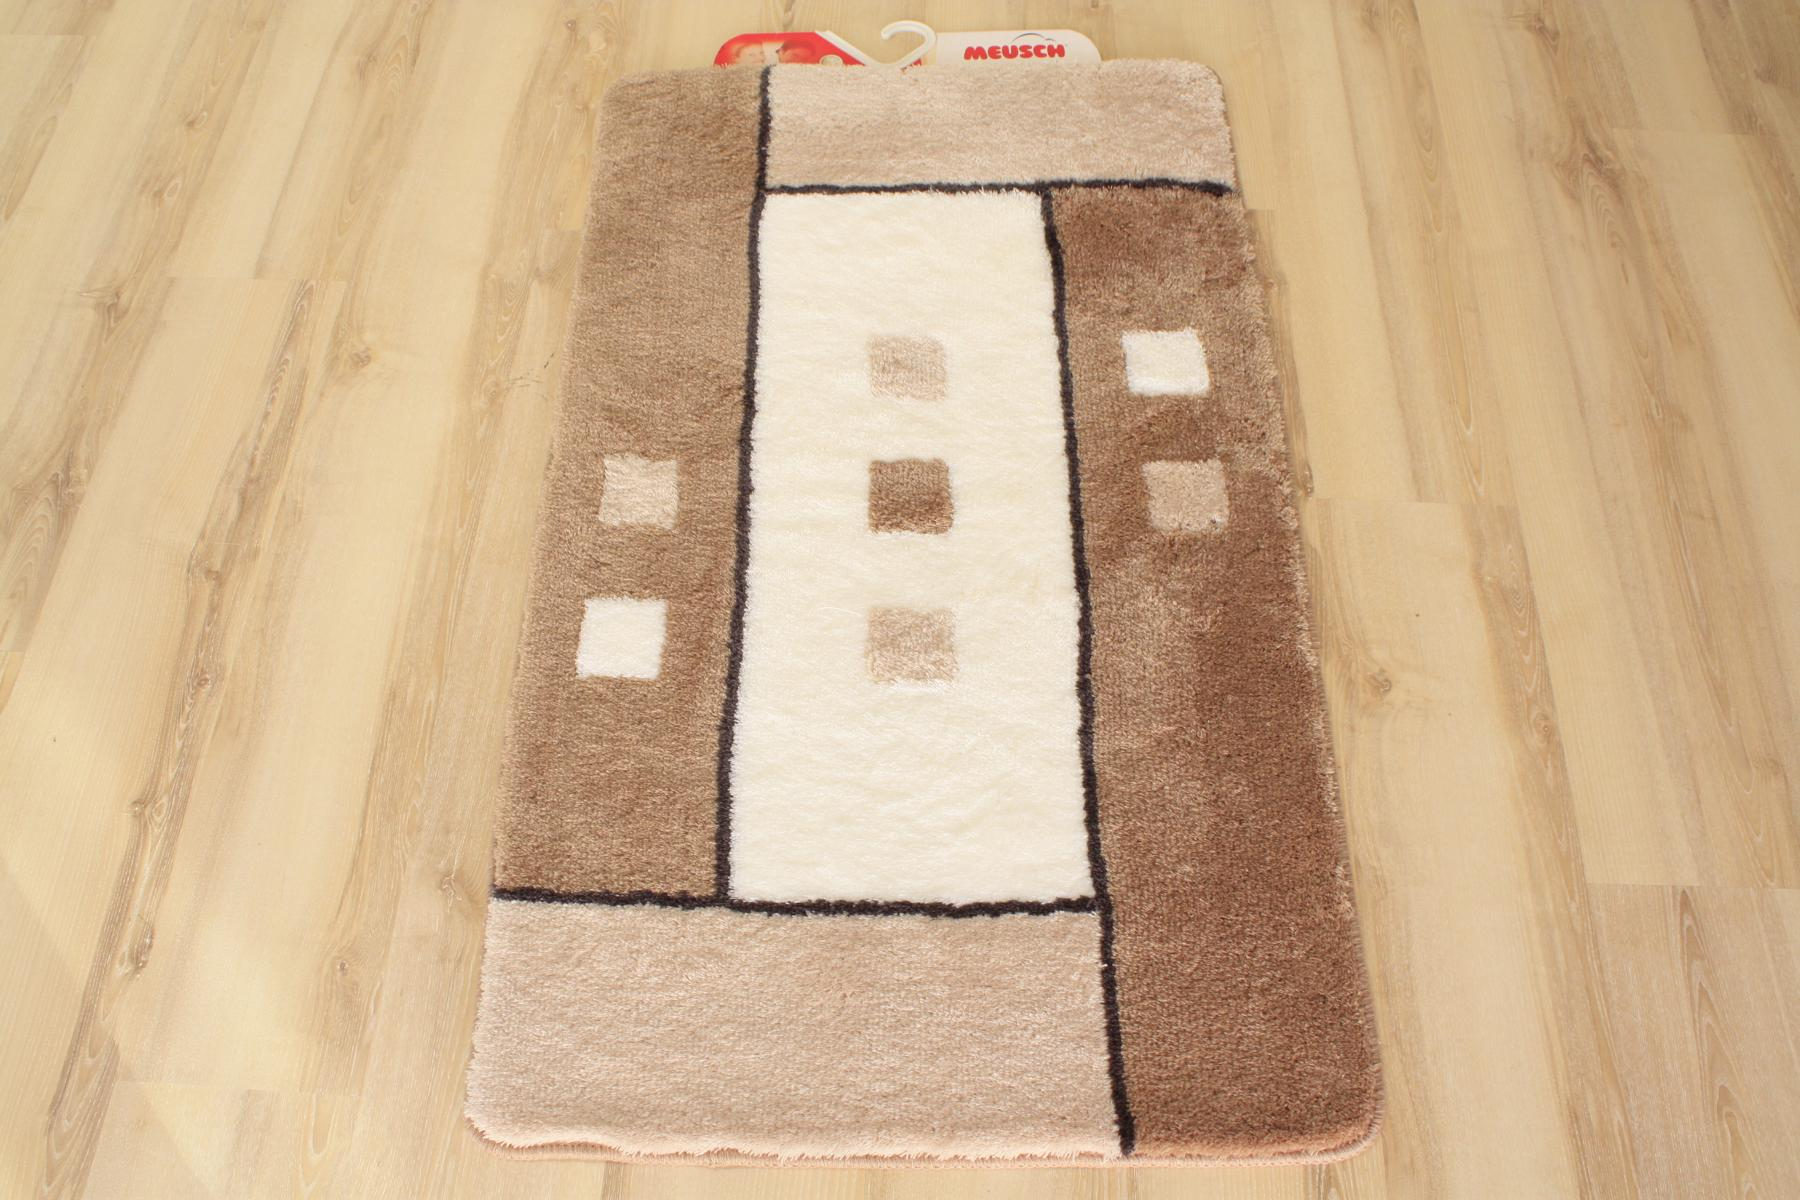 badteppich badematte meusch grafiko 271 taupe 80x140cm ebay. Black Bedroom Furniture Sets. Home Design Ideas